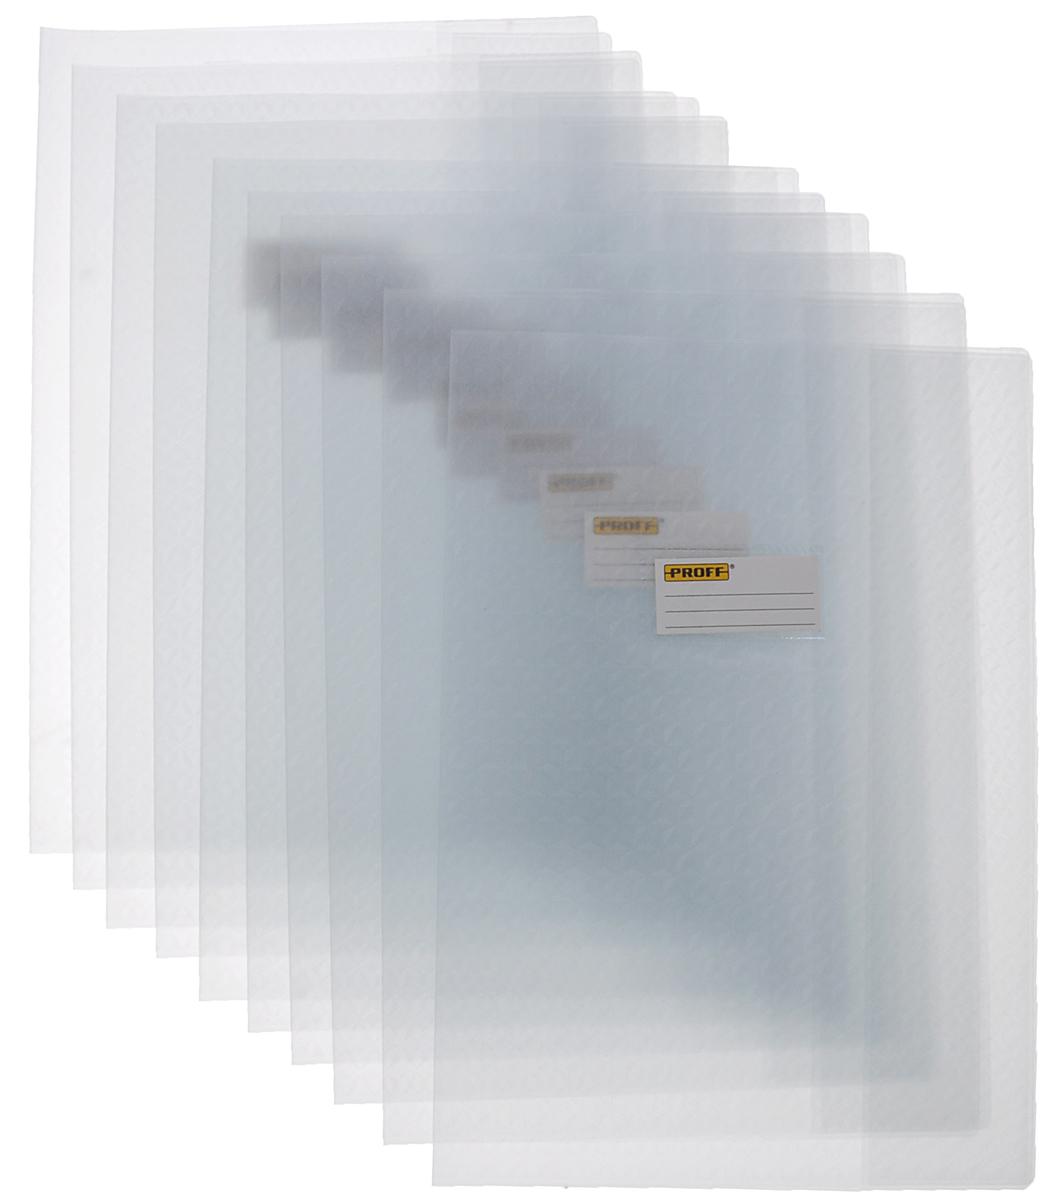 Proff Обложка для тетрадей Diamond 10 шт цвет светло-серыйBMP150/A4SM-10DM-00_серыйОбложка для тетрадей Proff Diamond выполнена из высококачественного полупрозрачного материала толщиной 150 мкм и предназначена для защиты тетрадей от пыли, грязи и механических повреждений. Надежная фиксация обложки обеспечивается прозрачными клапанами на внутренней стороне. Обложка для тетрадей - незаменимый атрибут школьника, студента или офисного работника. Она надежно сбережет ваши документы и защитит их от повреждения, пыли и влаги. В наборе 10 обложек.